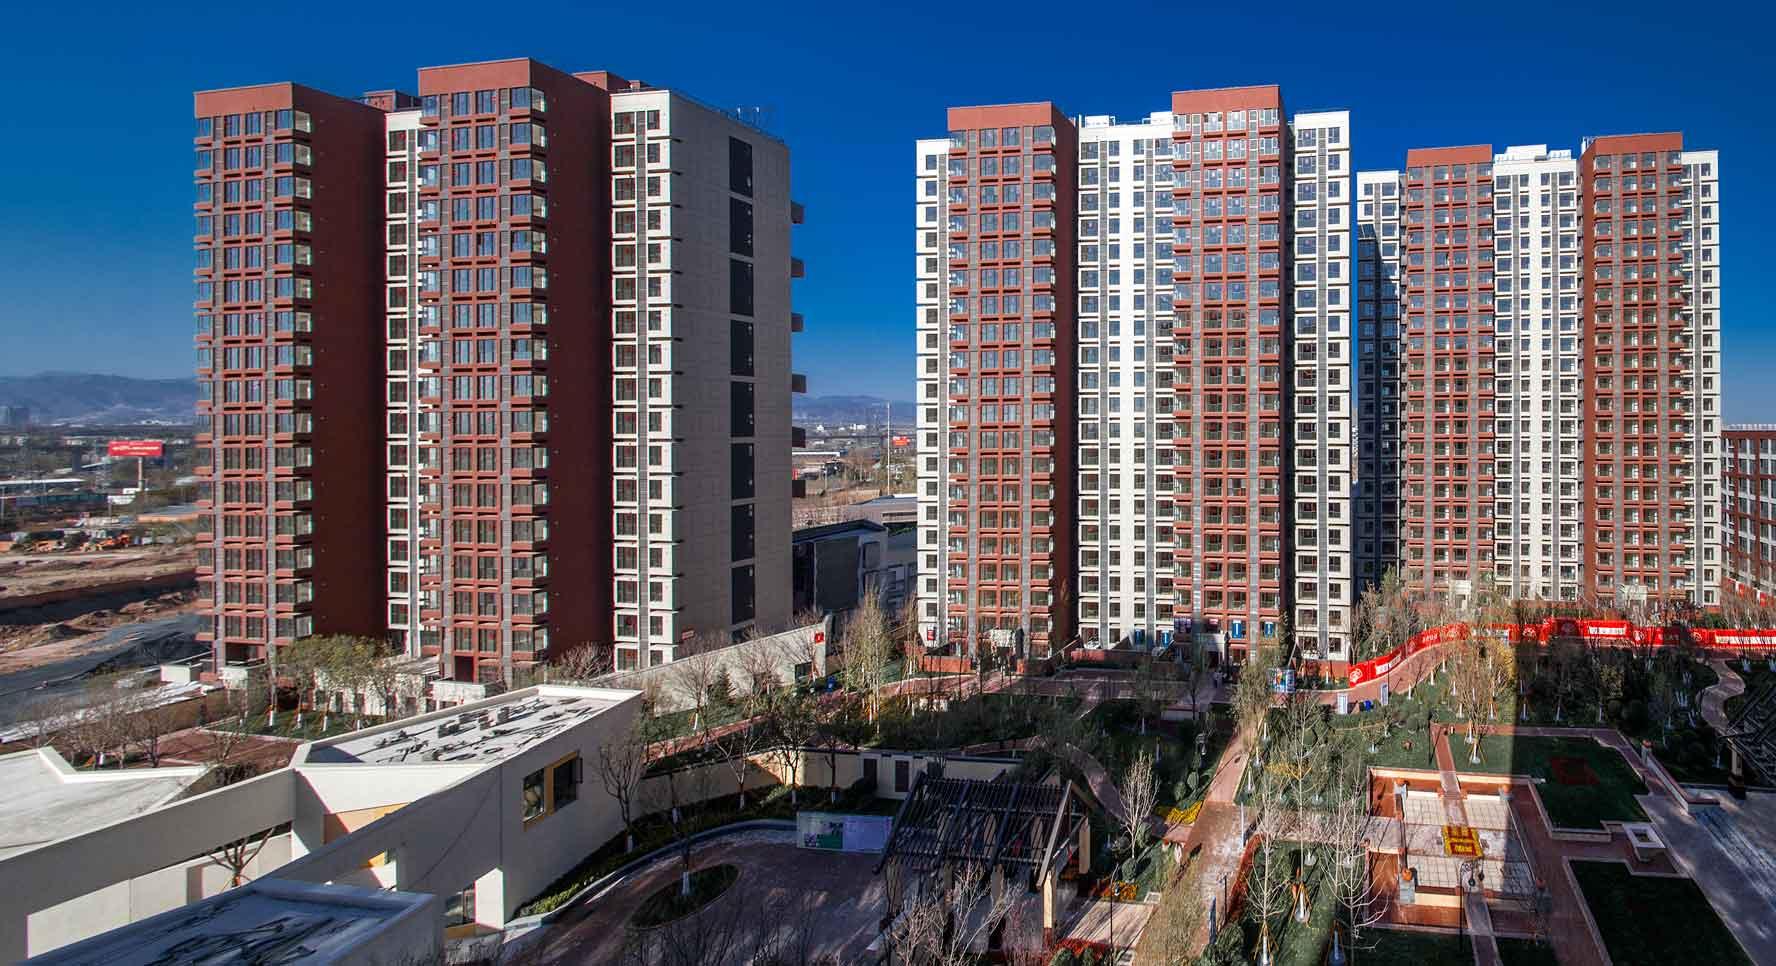 北京市住宅建筑设计研究院有限